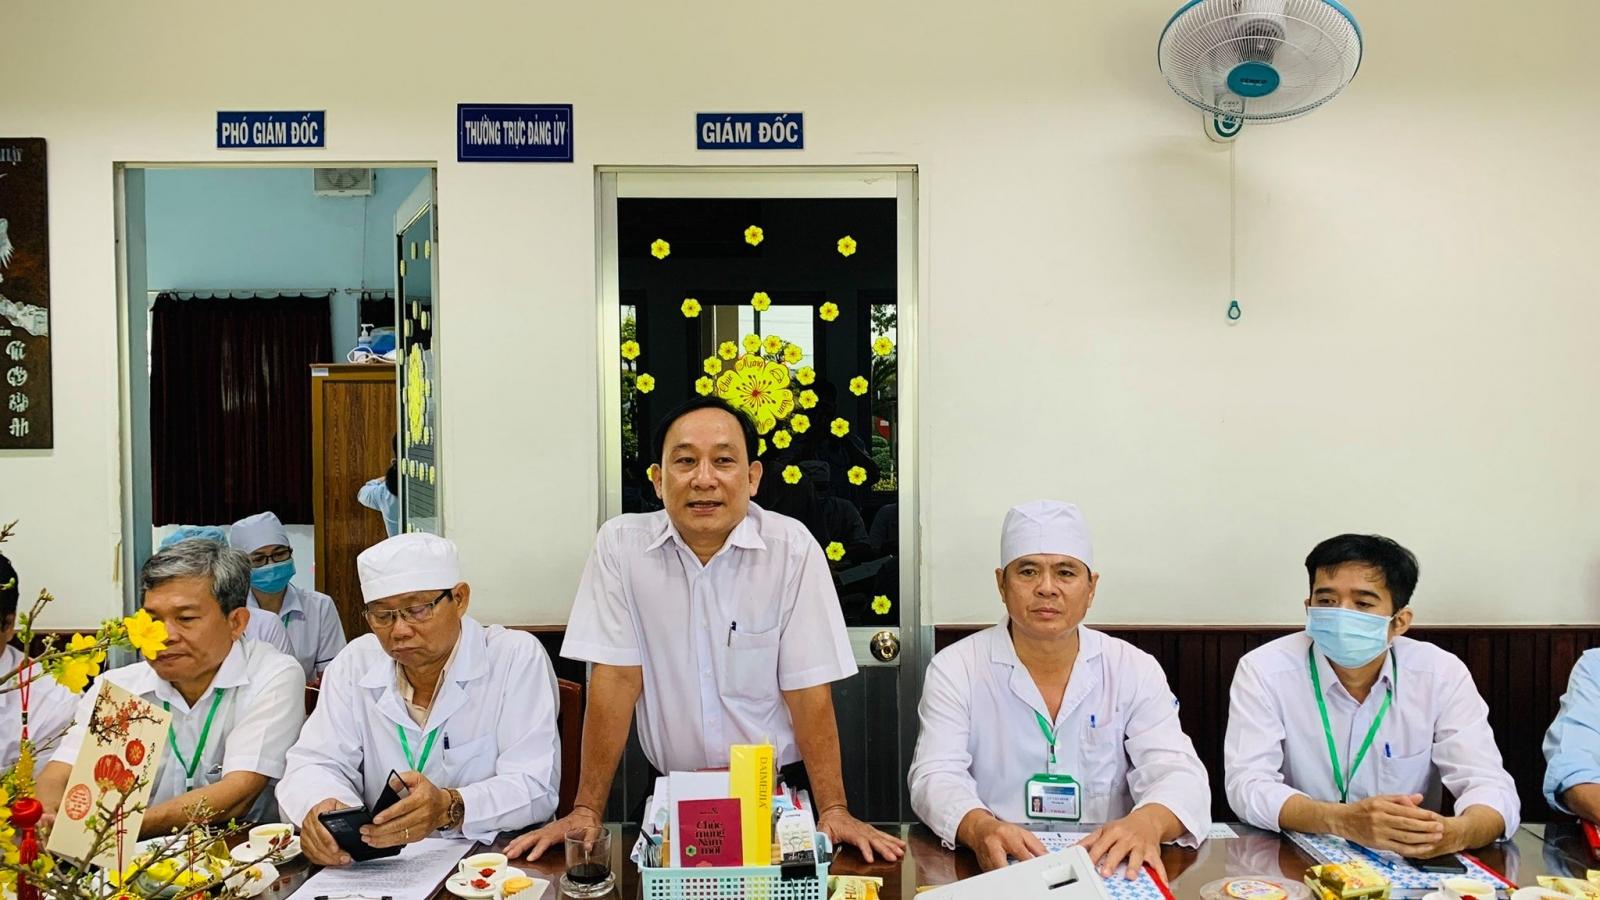 Giám đốc Bệnh viện khu vực Cai Lậythuê giang hồ giết ngườido ghen tuông